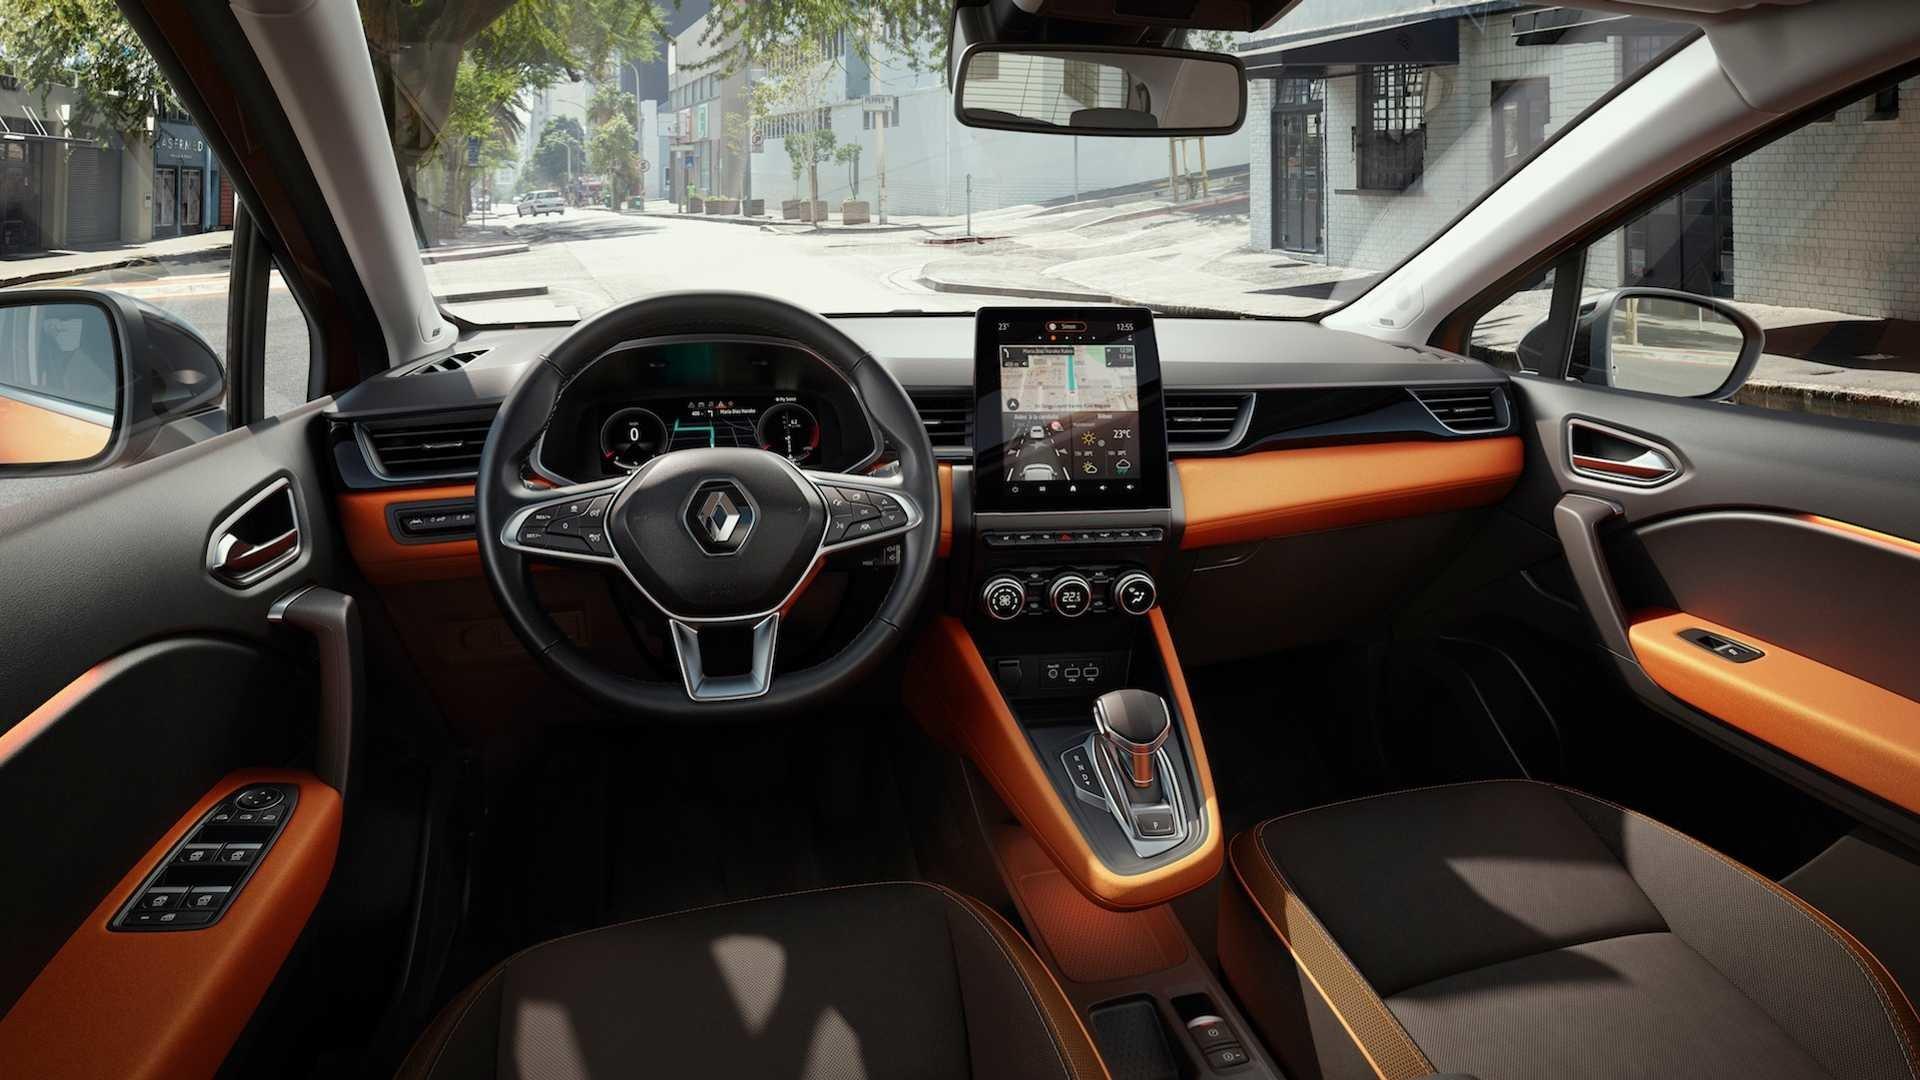 Представлено второе поколение Renault Captur (для Европы, не для России)